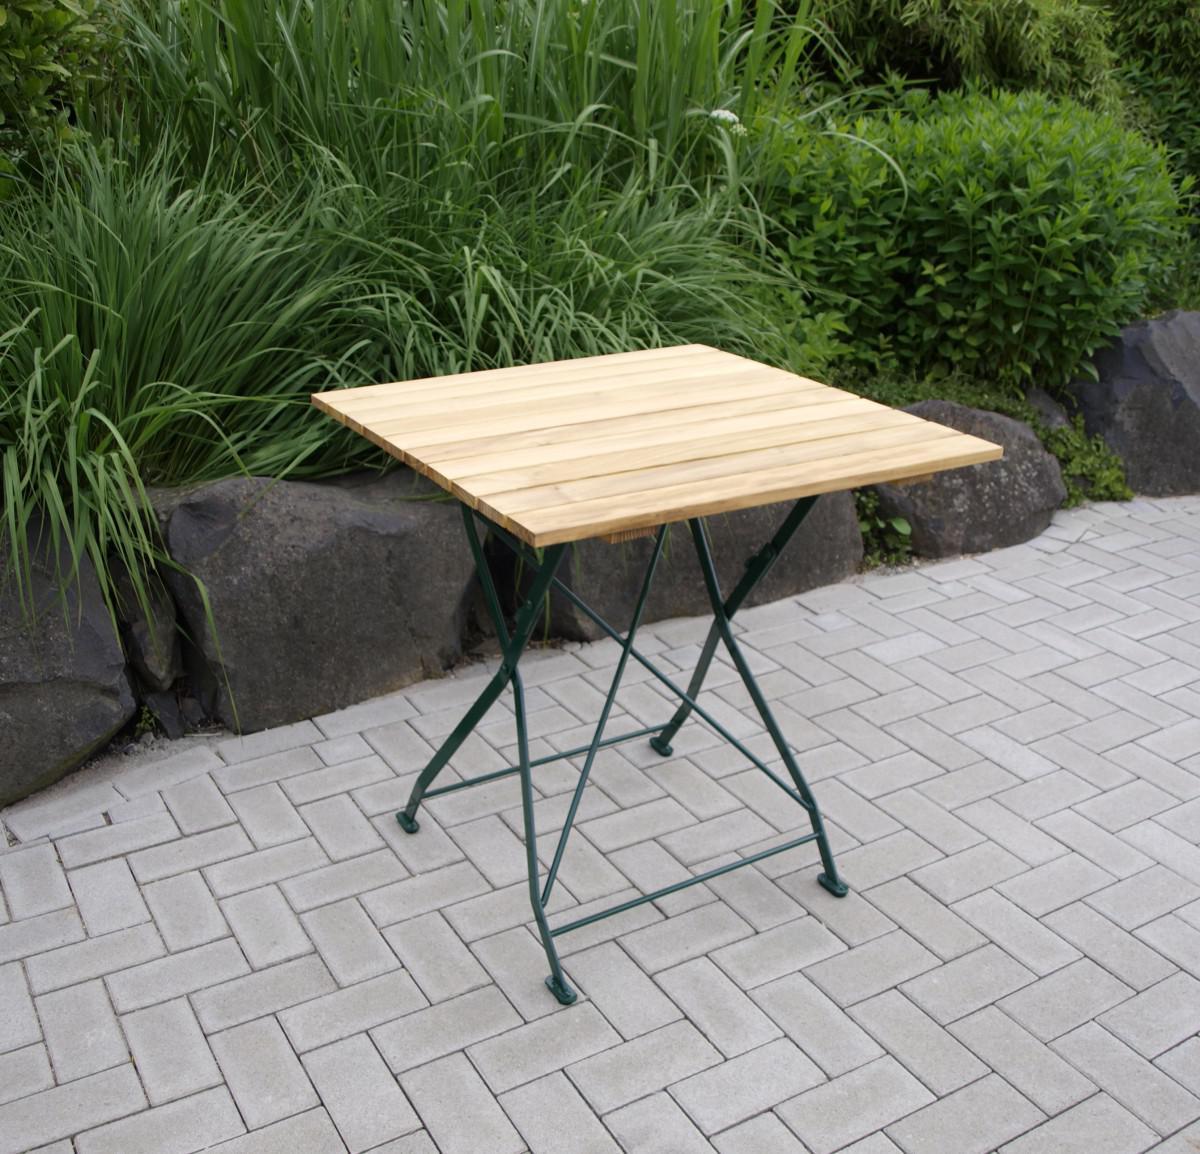 Gartentisch Klapptisch Tisch Quadratisch Gartenmobel Biergarten